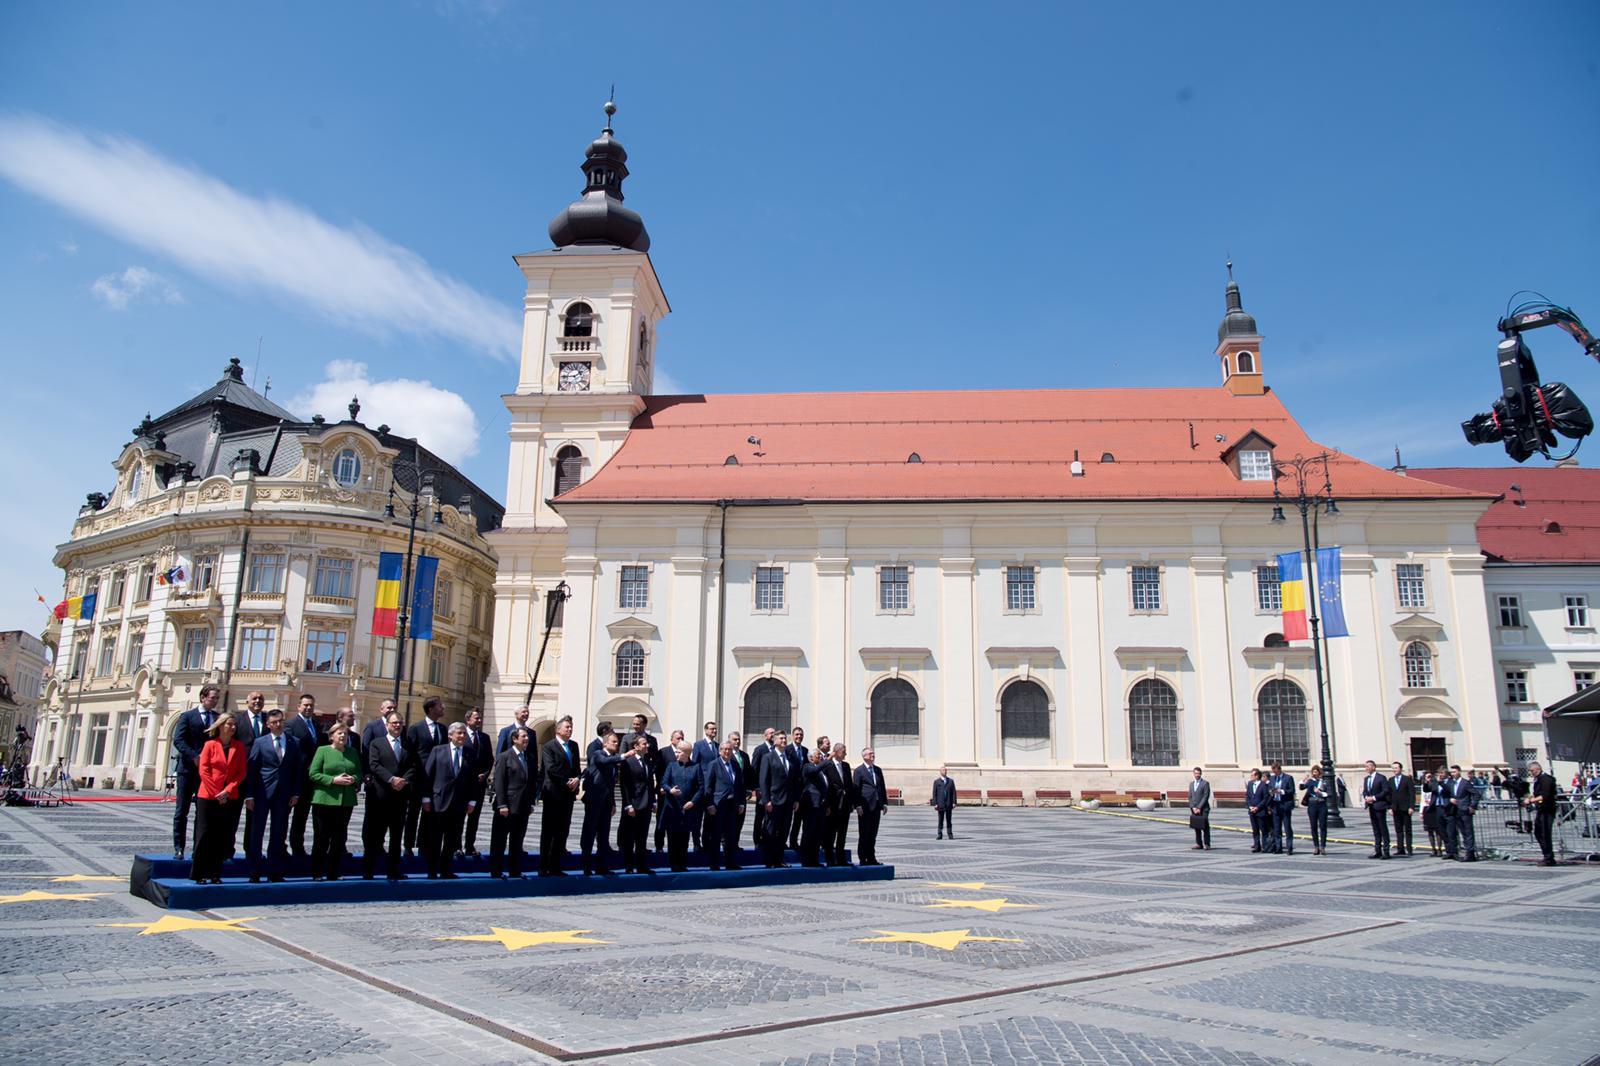 Διακήρυξη του Sibiu